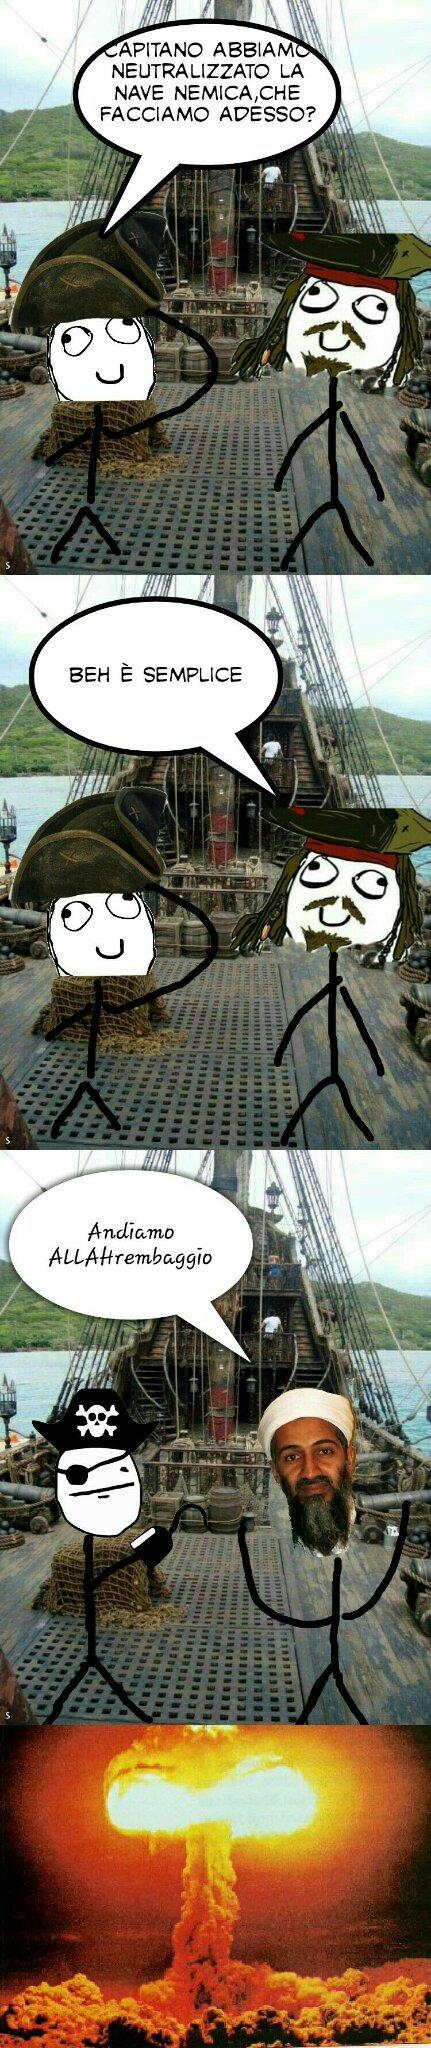 Primo ed ultimo meme,ciao a tutti addio.by crocheterevolution